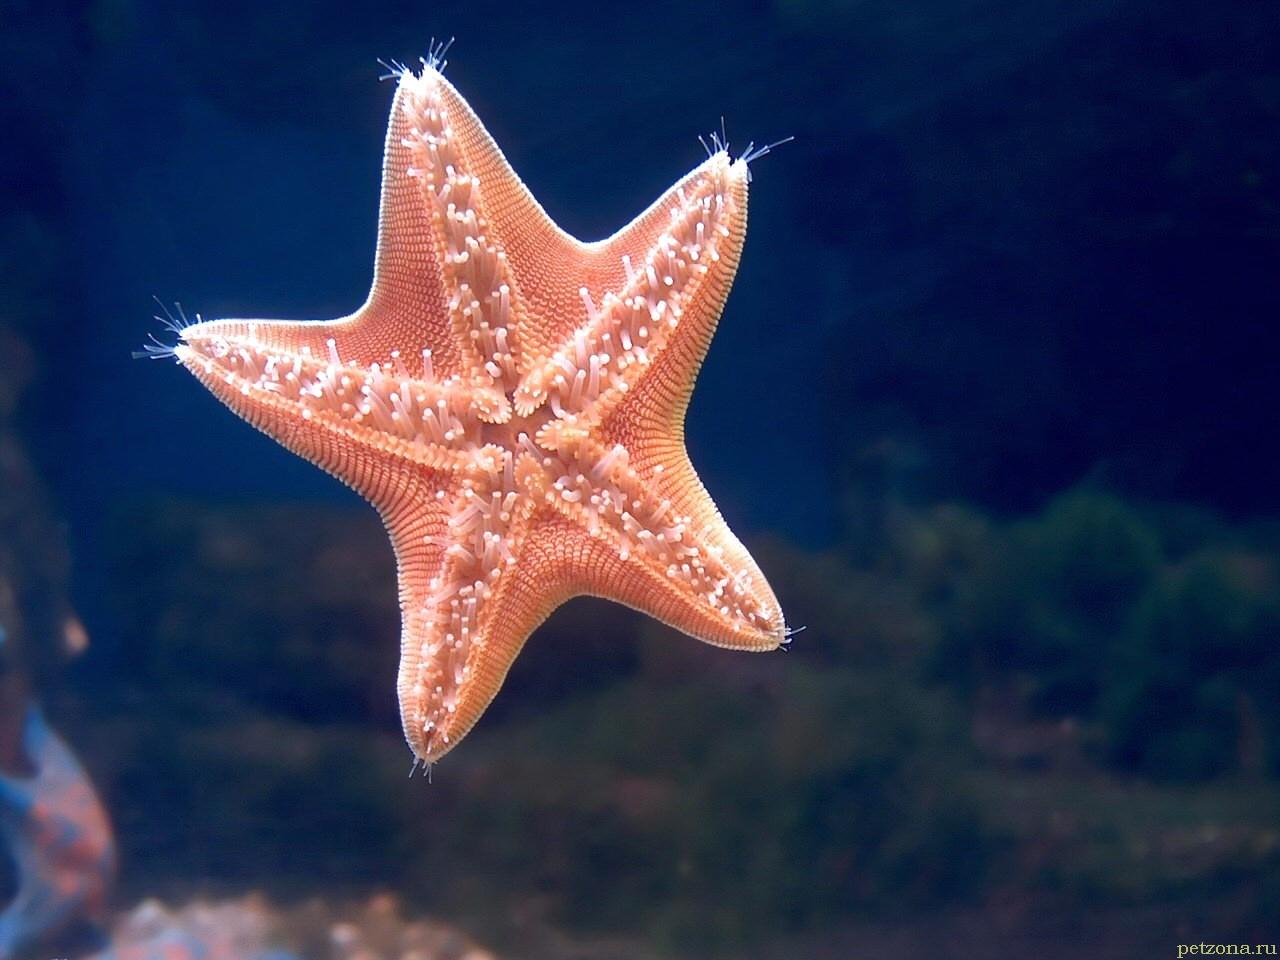 Морская звезда у вас дома. Кратко о главном